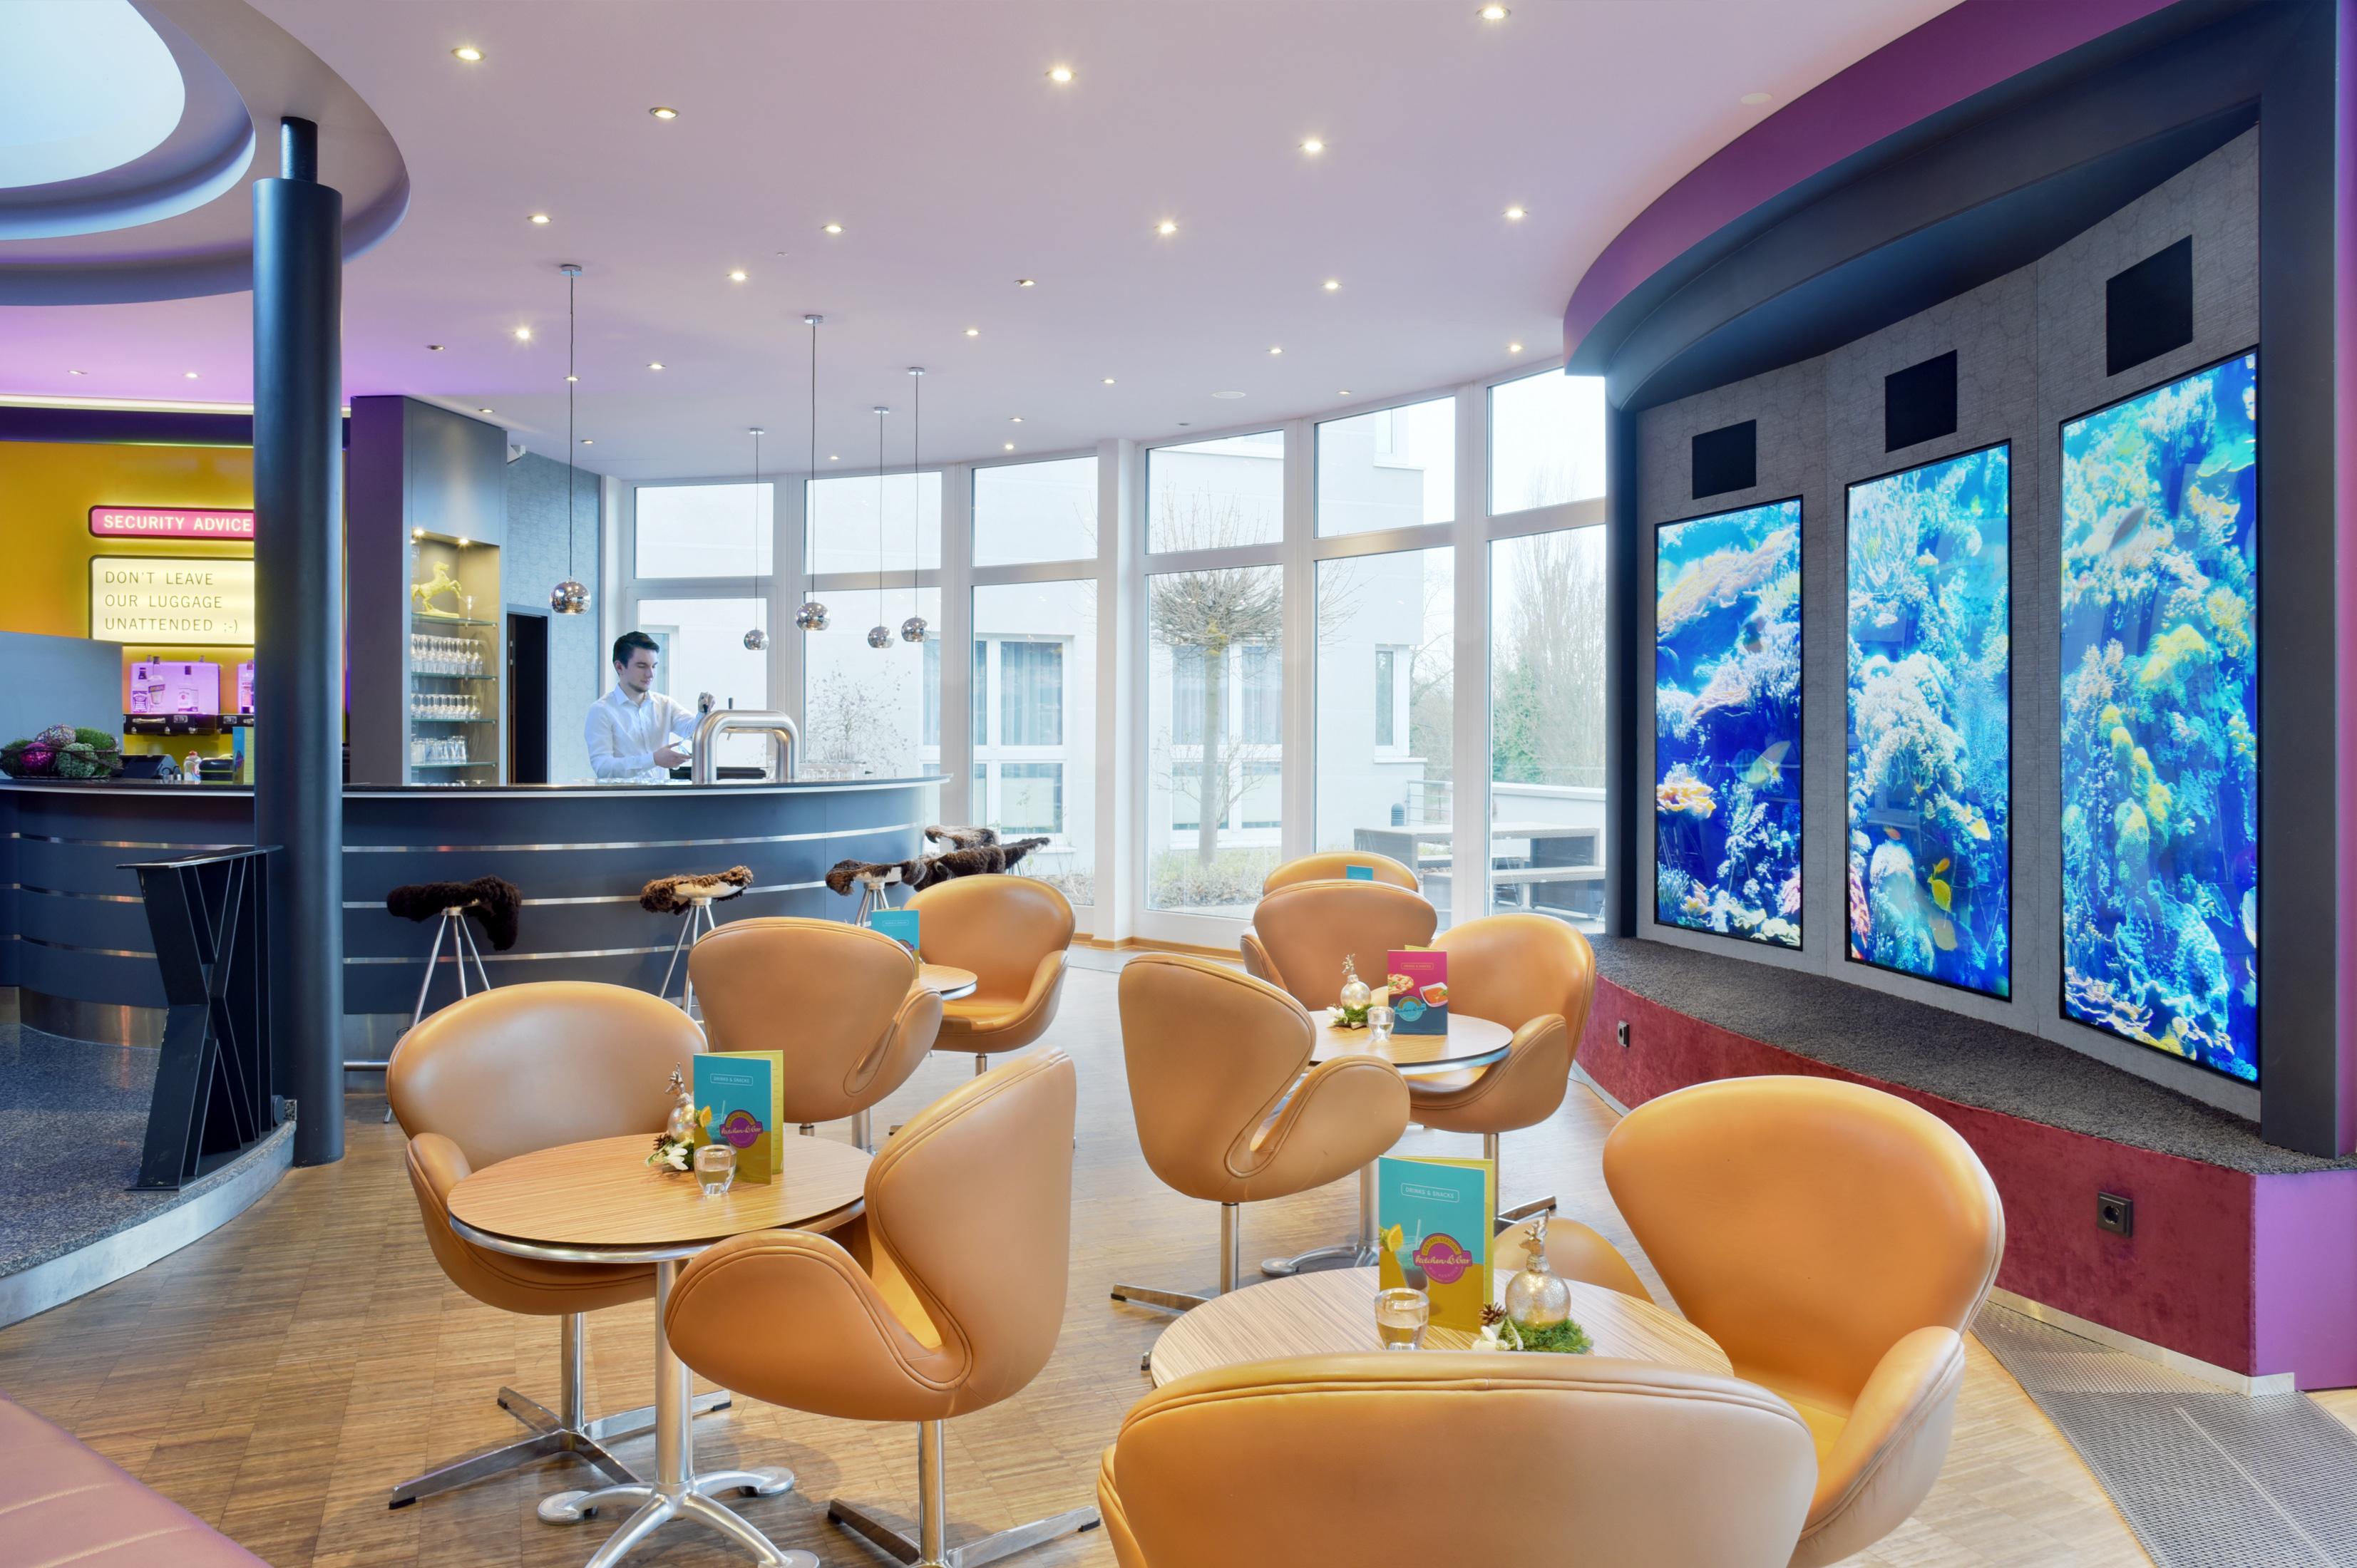 designhotel wienecke xi hannover in hannover holidaycheck niedersachsen deutschland. Black Bedroom Furniture Sets. Home Design Ideas